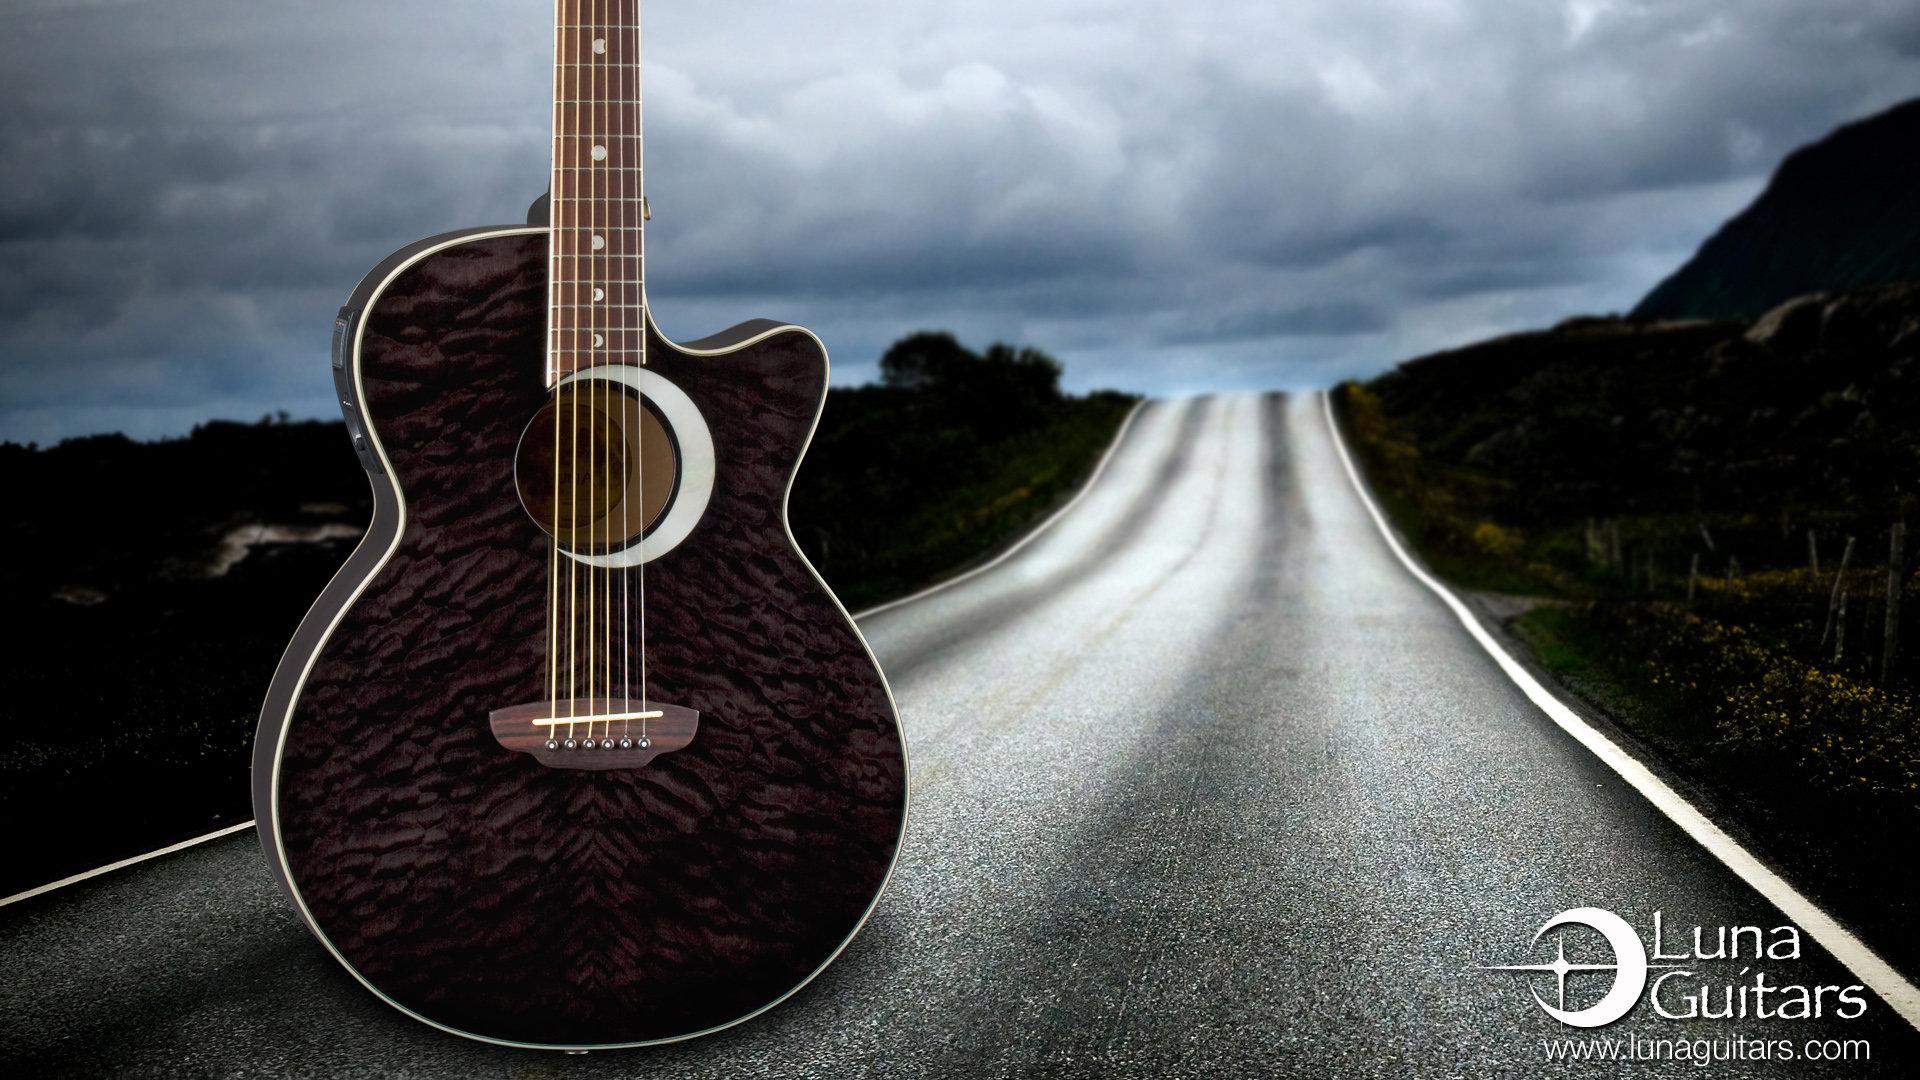 High Resolution Guitar Hd 1920x1080 Wallpaper Id 249348 For Desktop